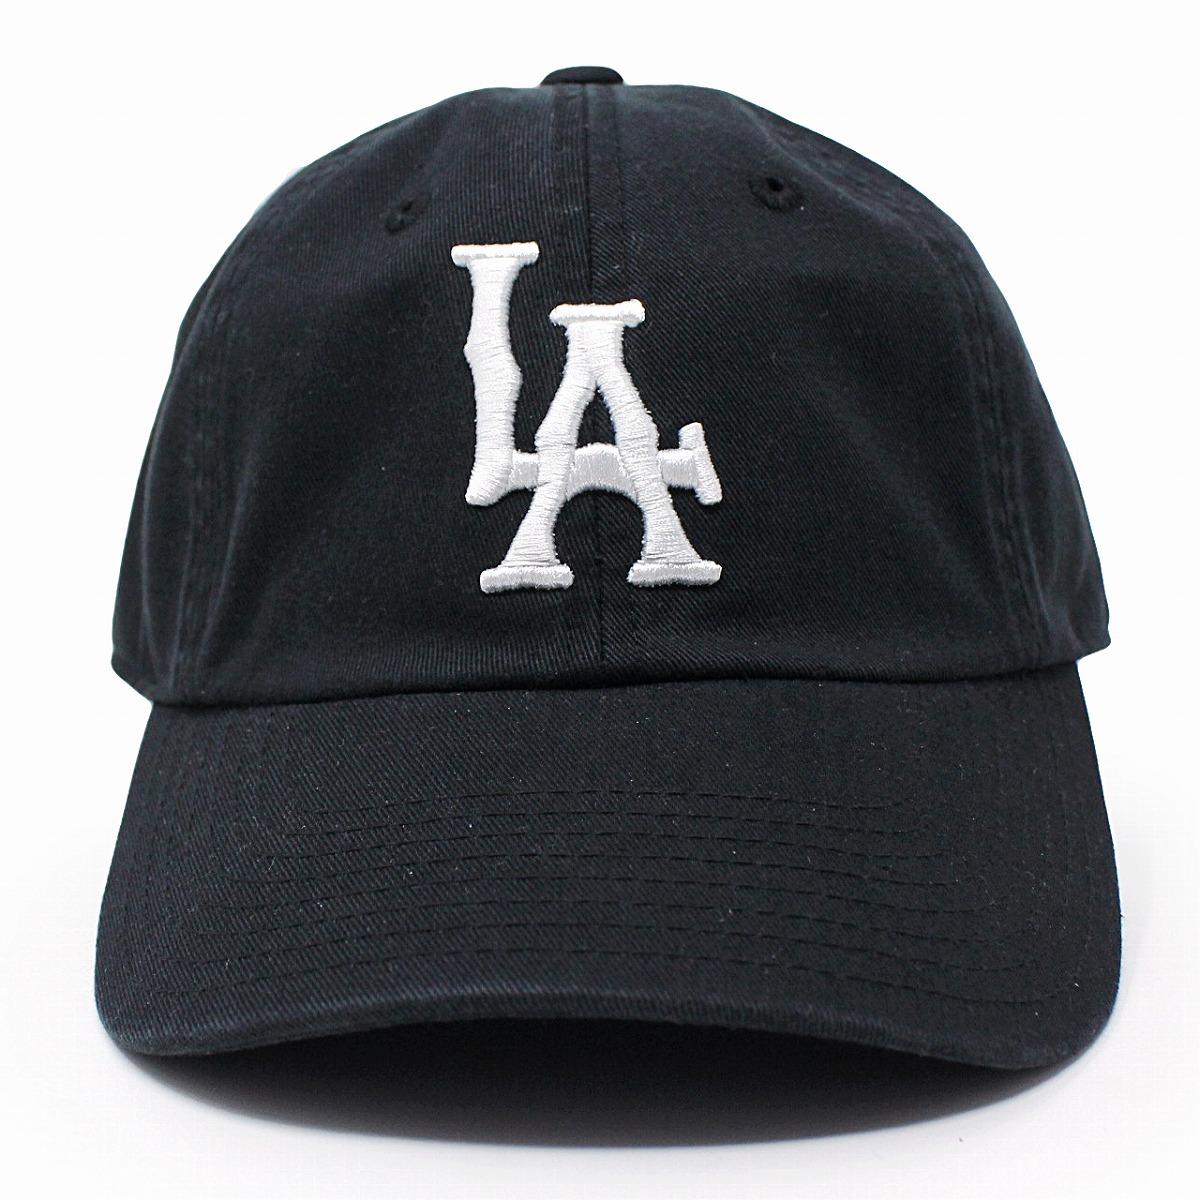 253734d3037 ELEHELM HAT STORE  American needle hat front desk logo cap Los ...